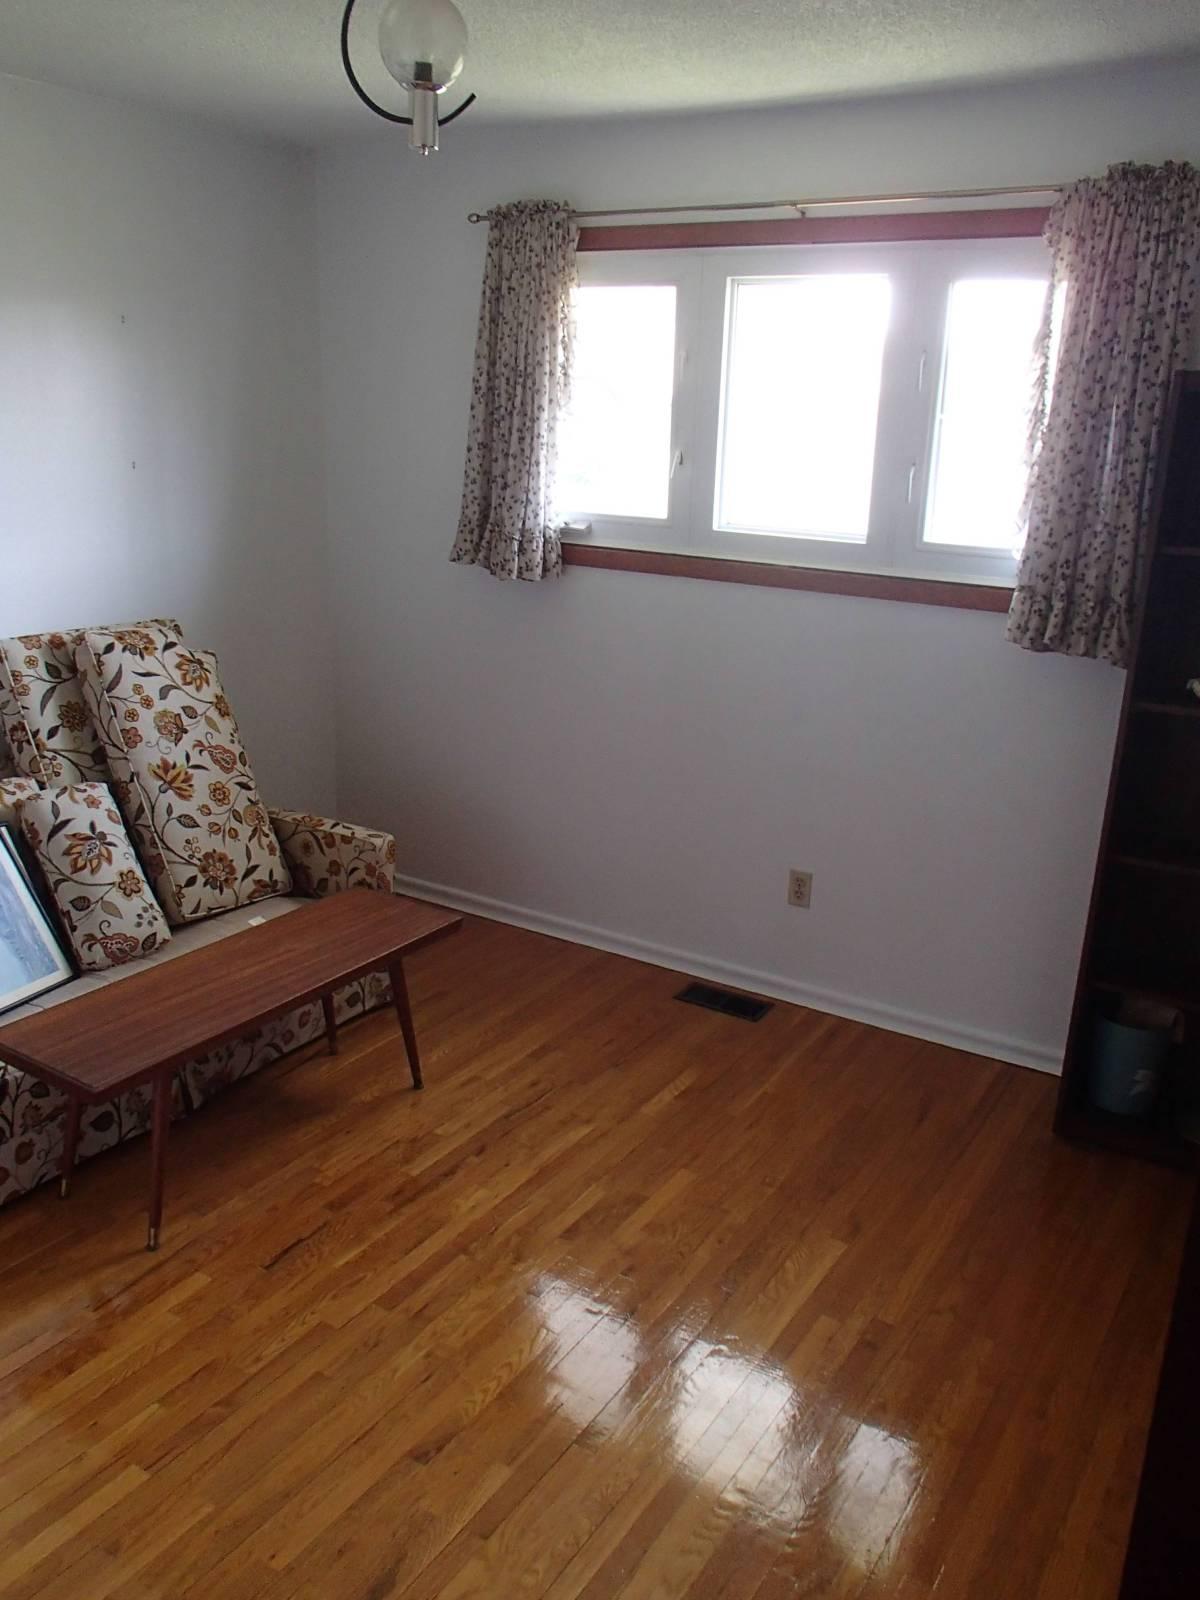 upstairs bed 3.jpg